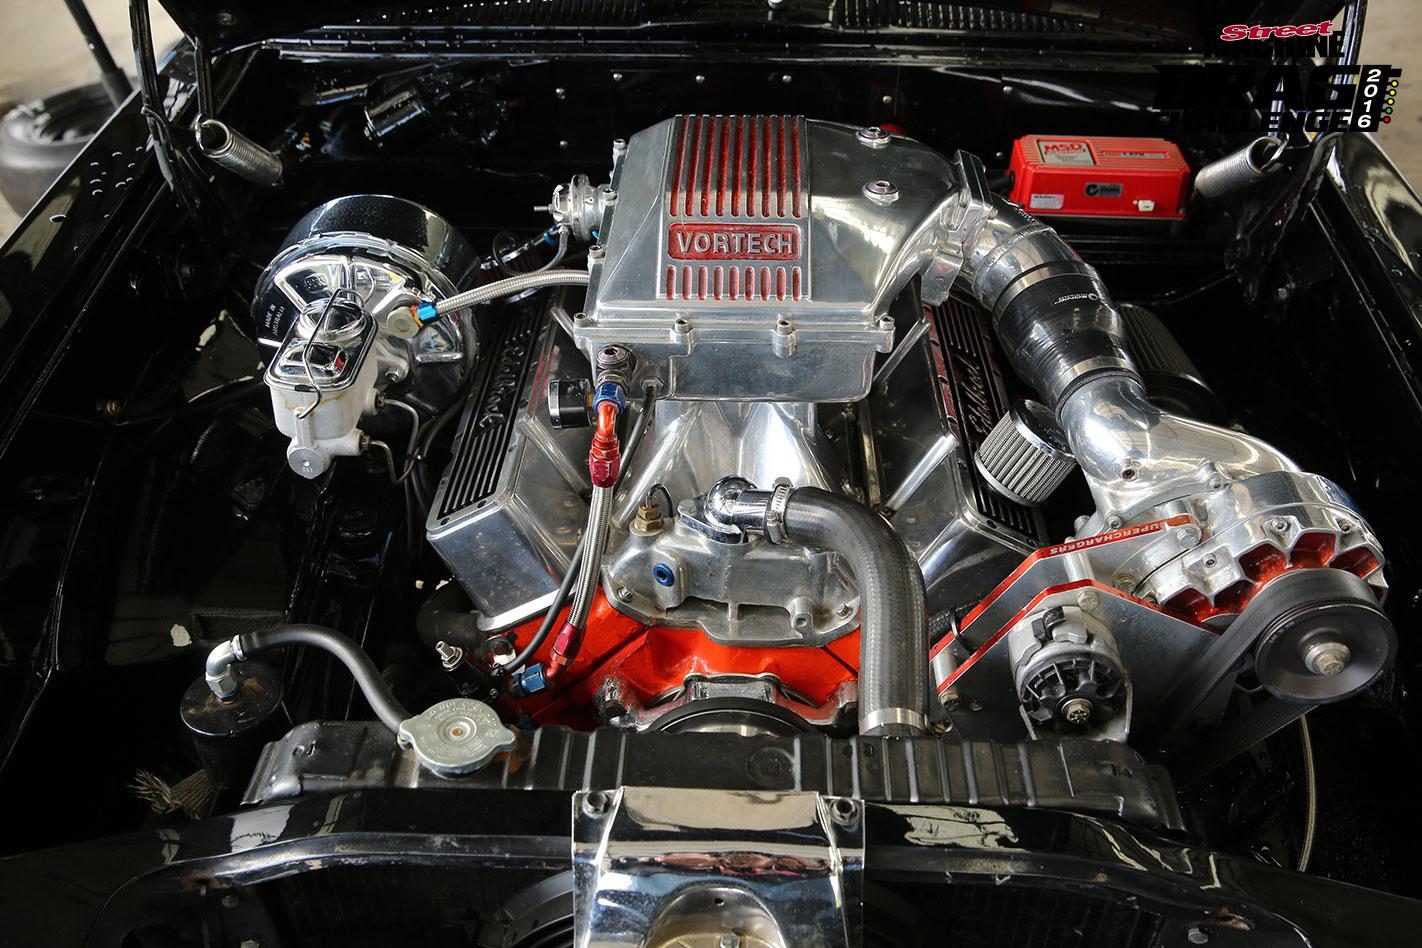 Holden Torana XU1 V8 Supercharged